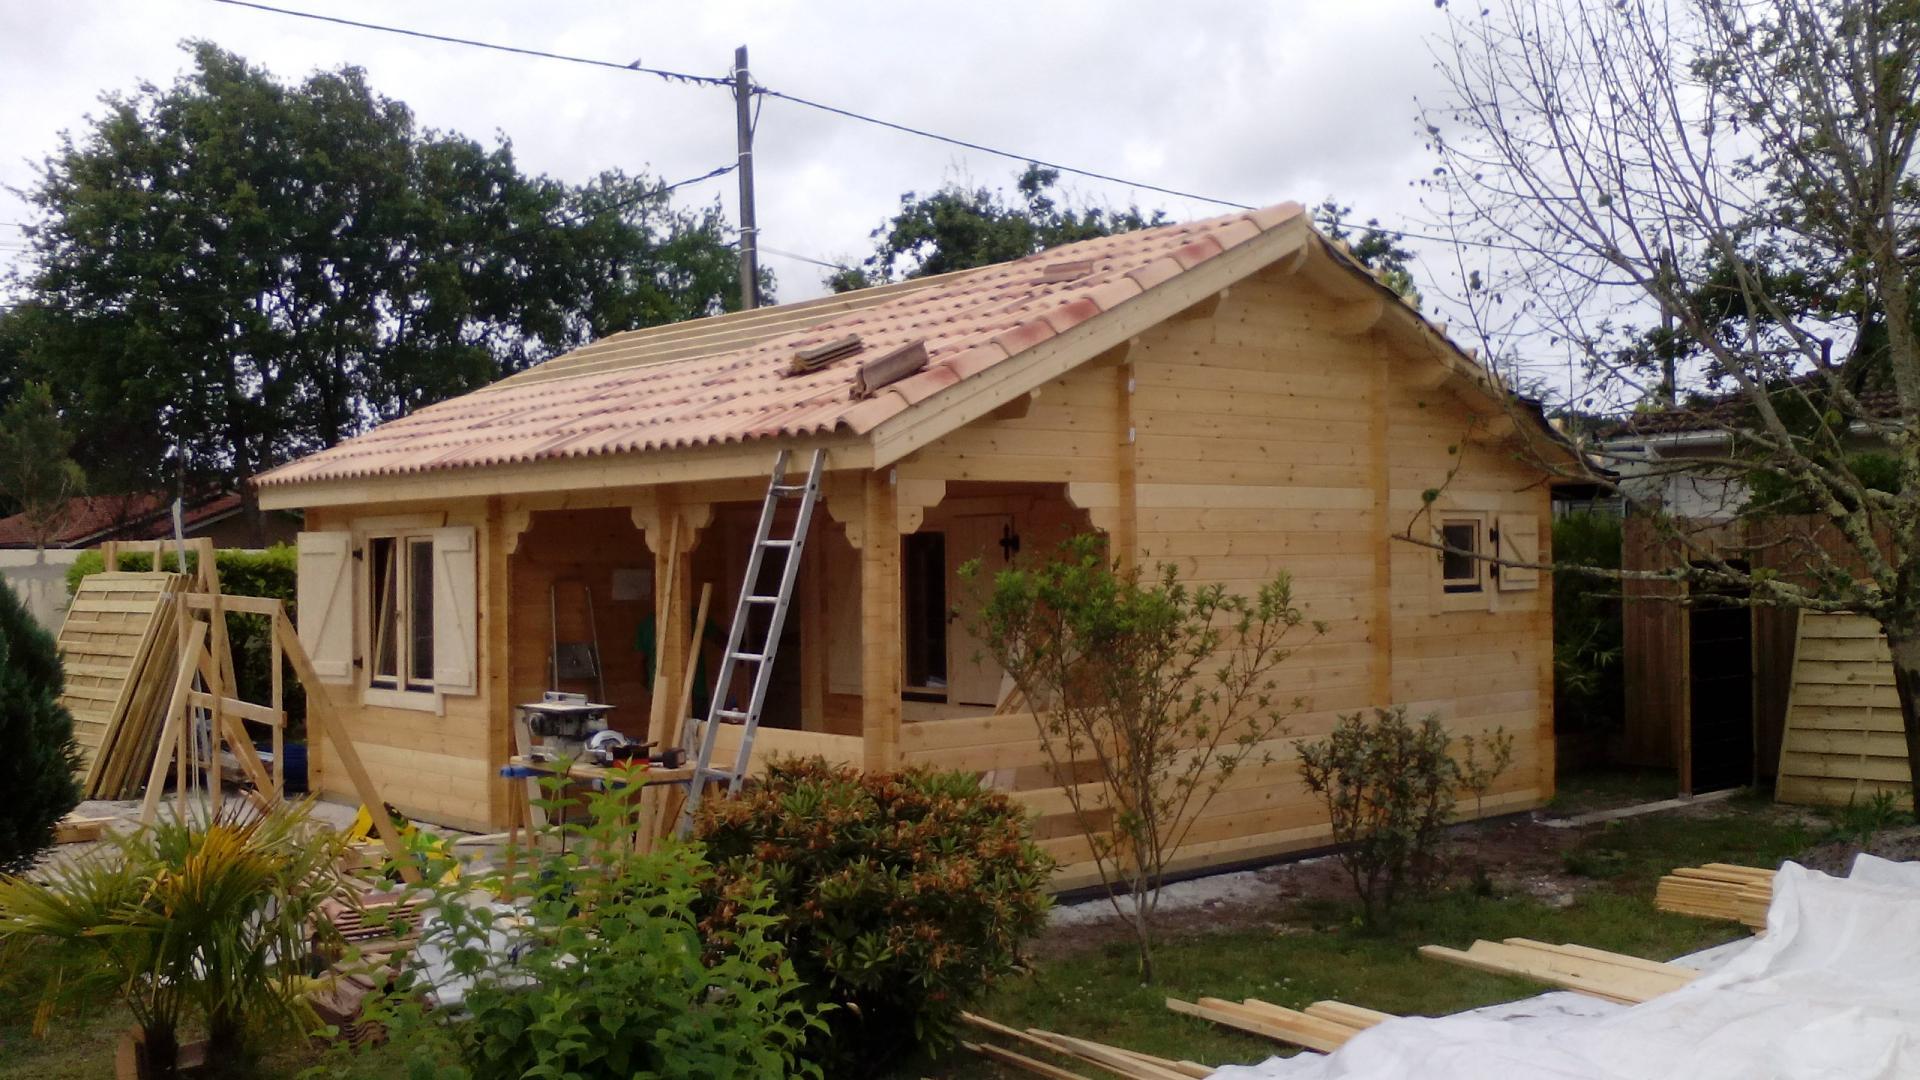 Fabricant Constructeur De Kits Chalets En Bois Habitables - Stmb dedans Abris De Jardin Occasion